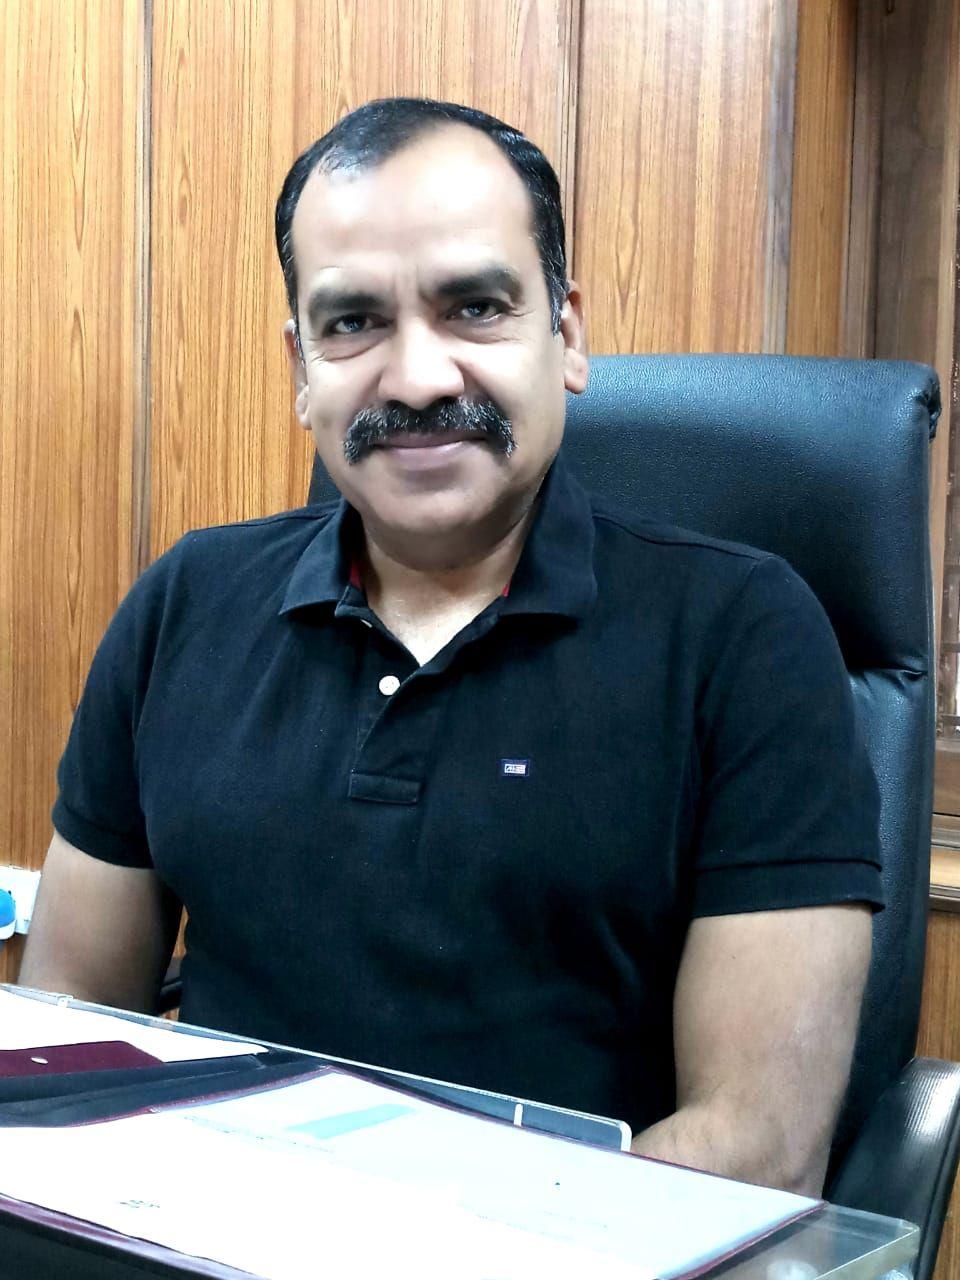 हिमाचल प्रदेश में सरकारों का लचर रवैया भी आपदाओं से हुए नुकसान का जिम्मेदार: आम आदमी पार्टी